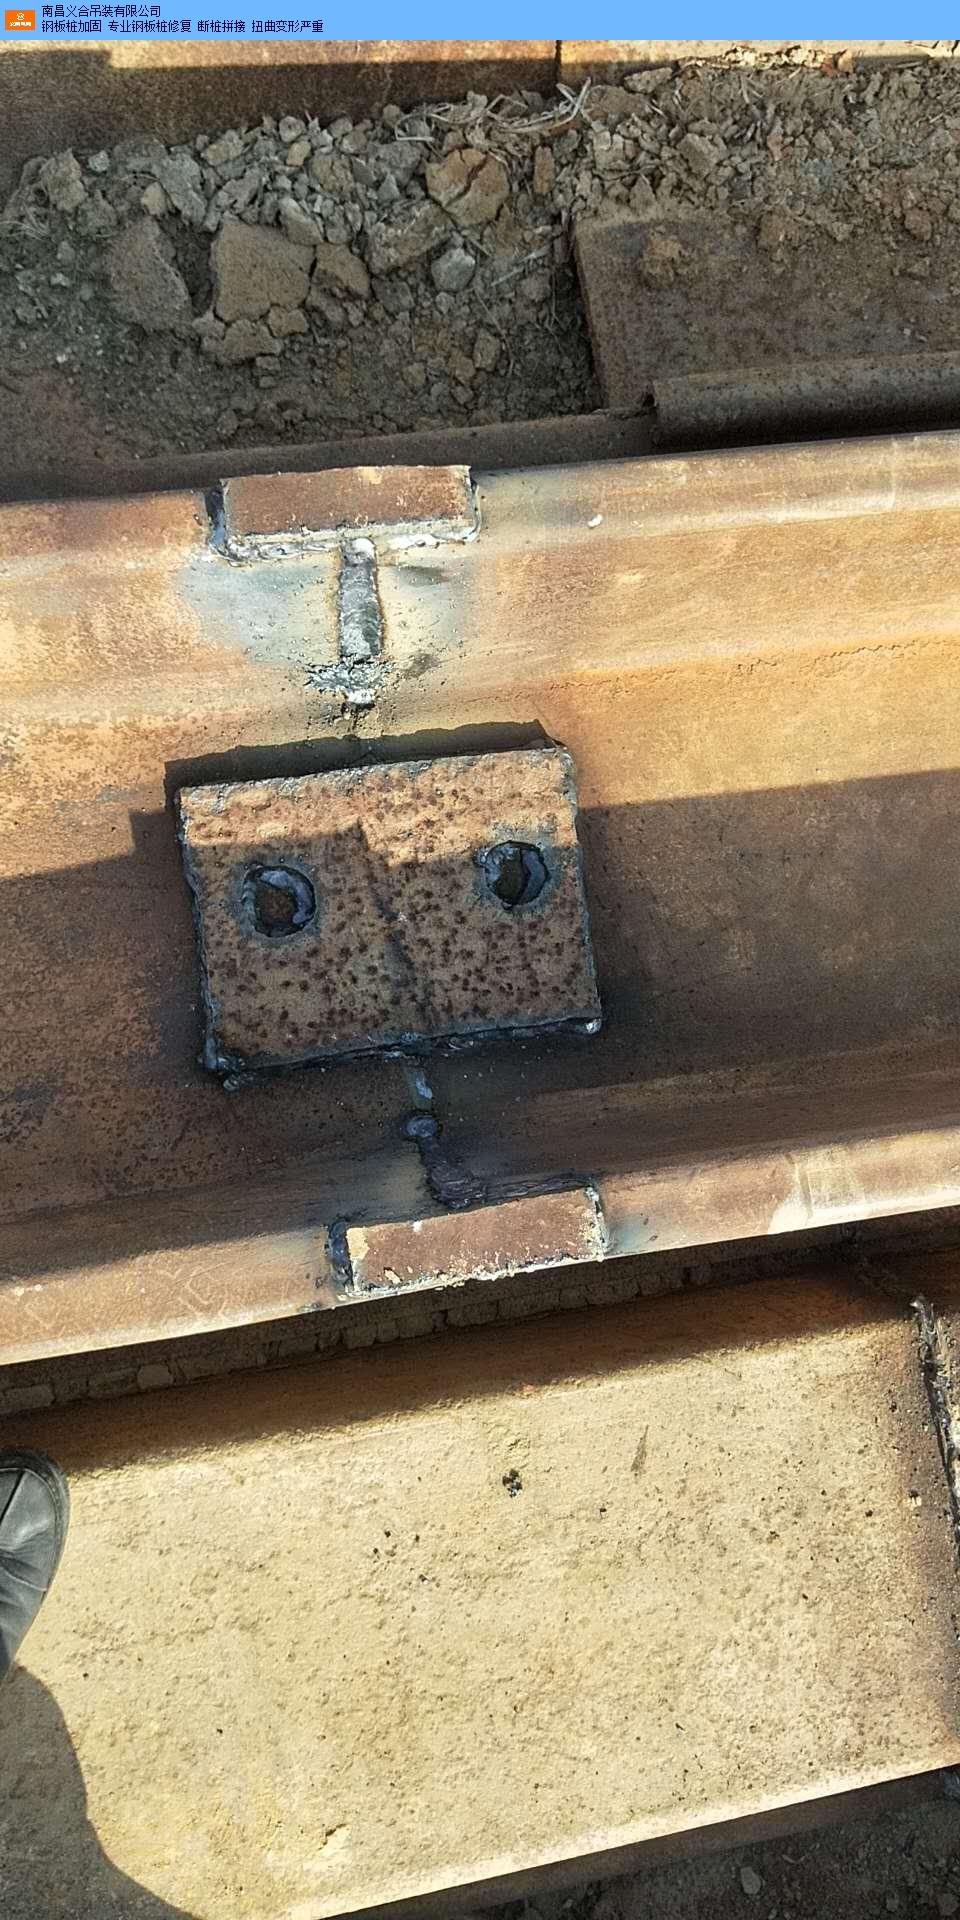 江西拉森钢板桩工程 来电咨询 南昌义合吊装供应